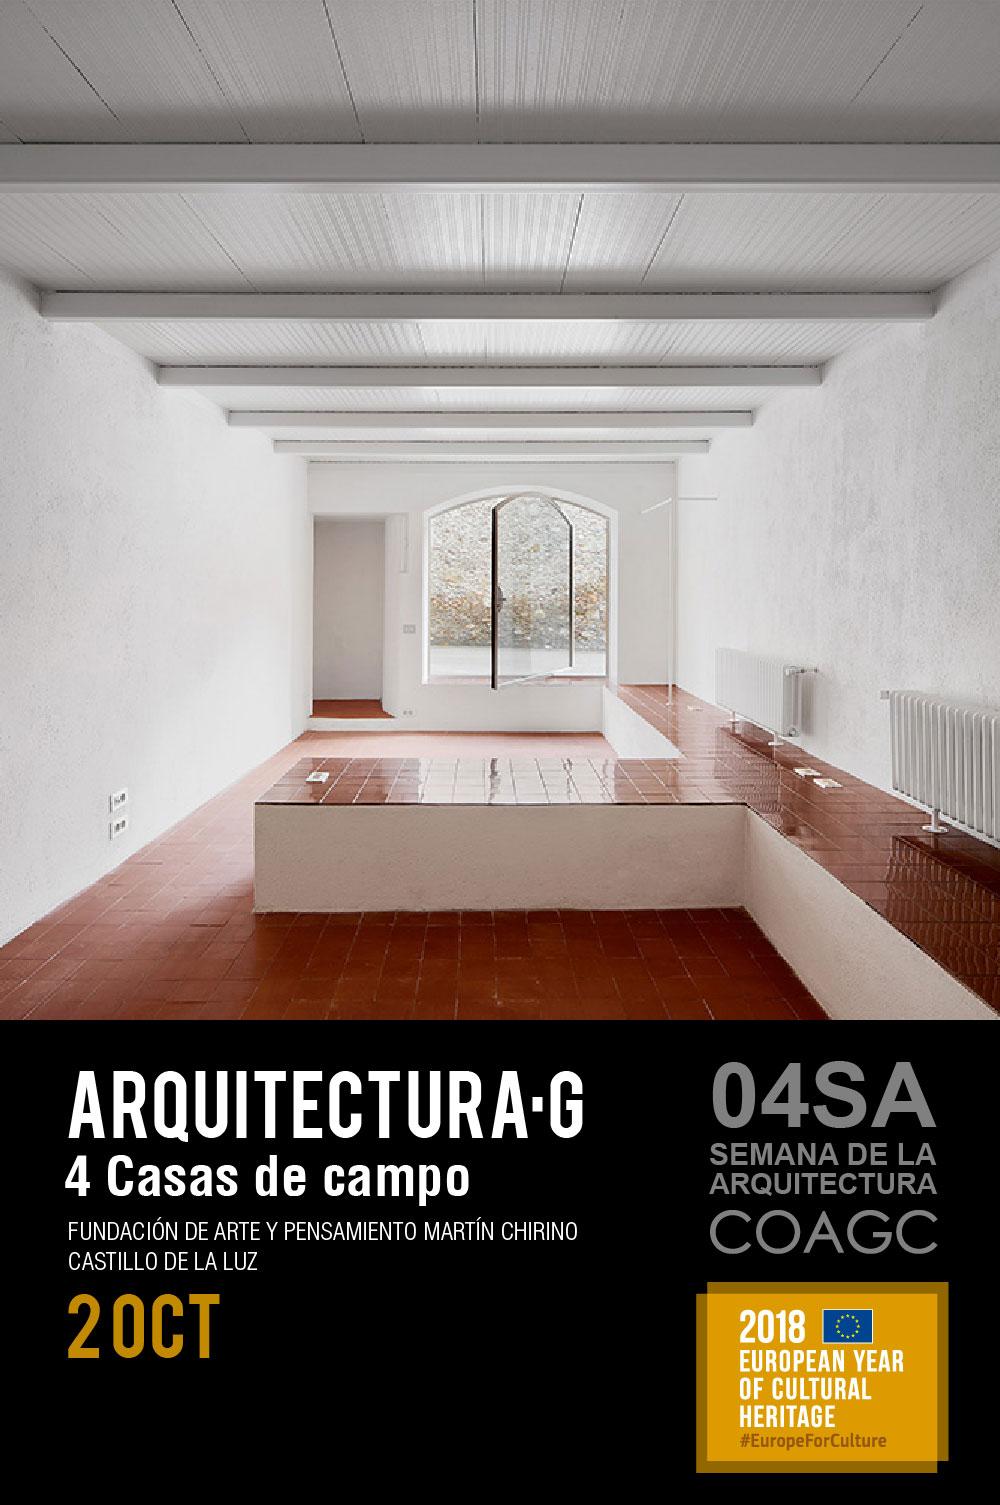 Conferencia de Arquitectura-G